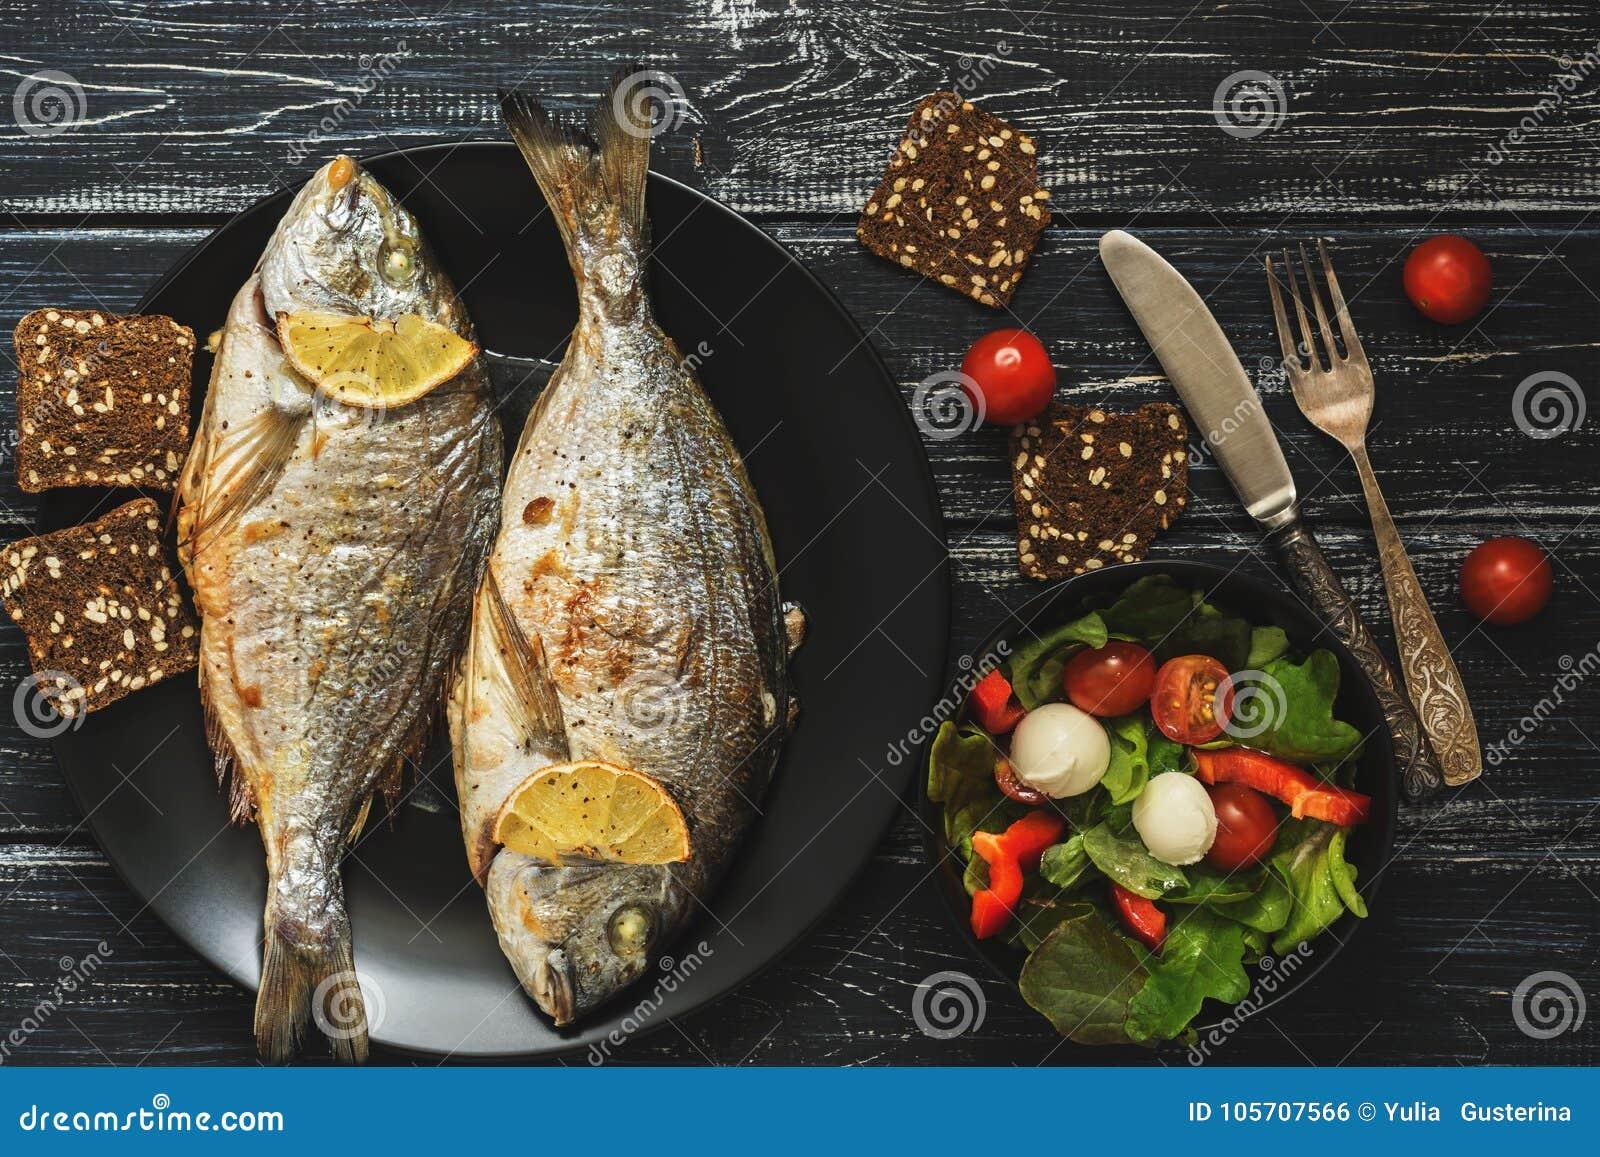 Ψημένα ψάρια Dorado σε ένα μαύρο πιάτο, σαλάτα με τη μοτσαρέλα ντοματών και φύλλα μαρουλιού